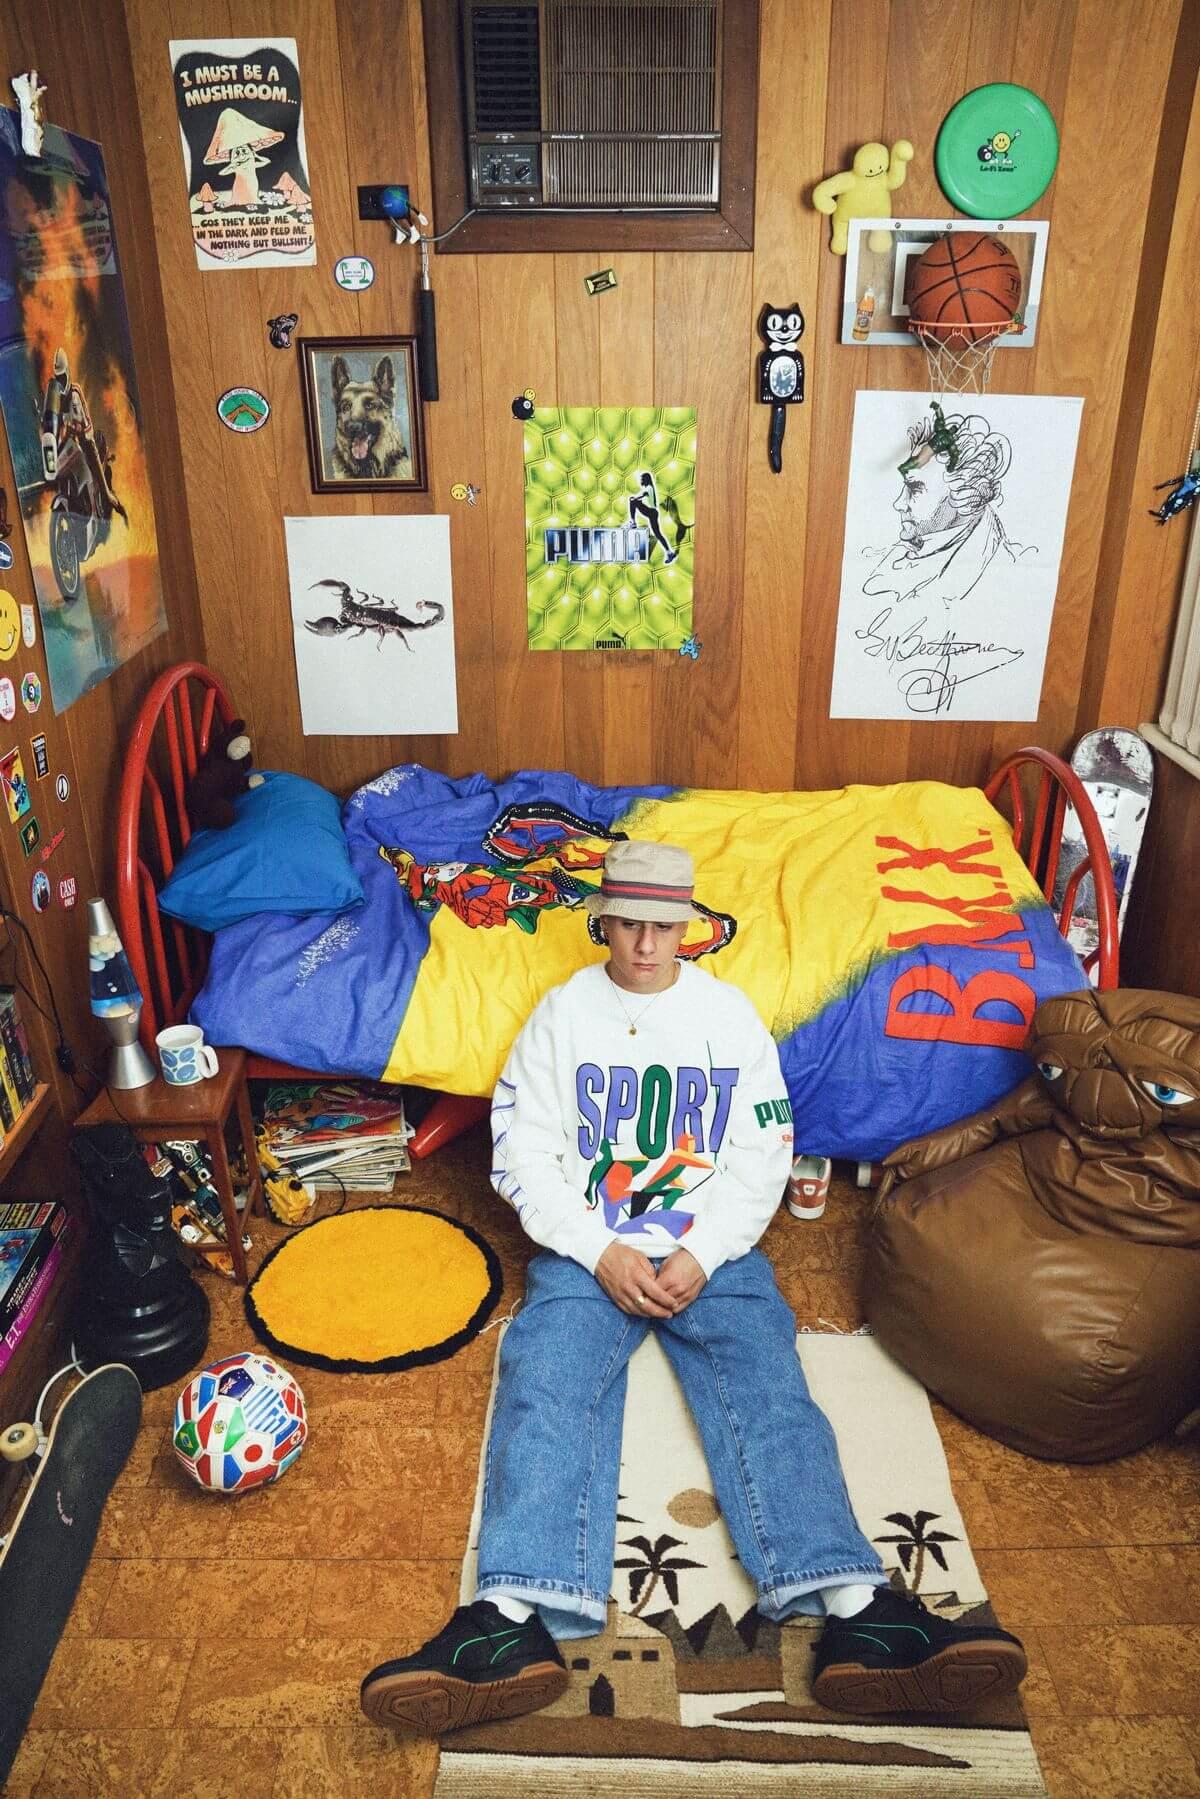 80er 90er jahre jugendzimmer - PUMA x Butter Goods - Slipstream und Basket Vintage und Apparel Kollektion